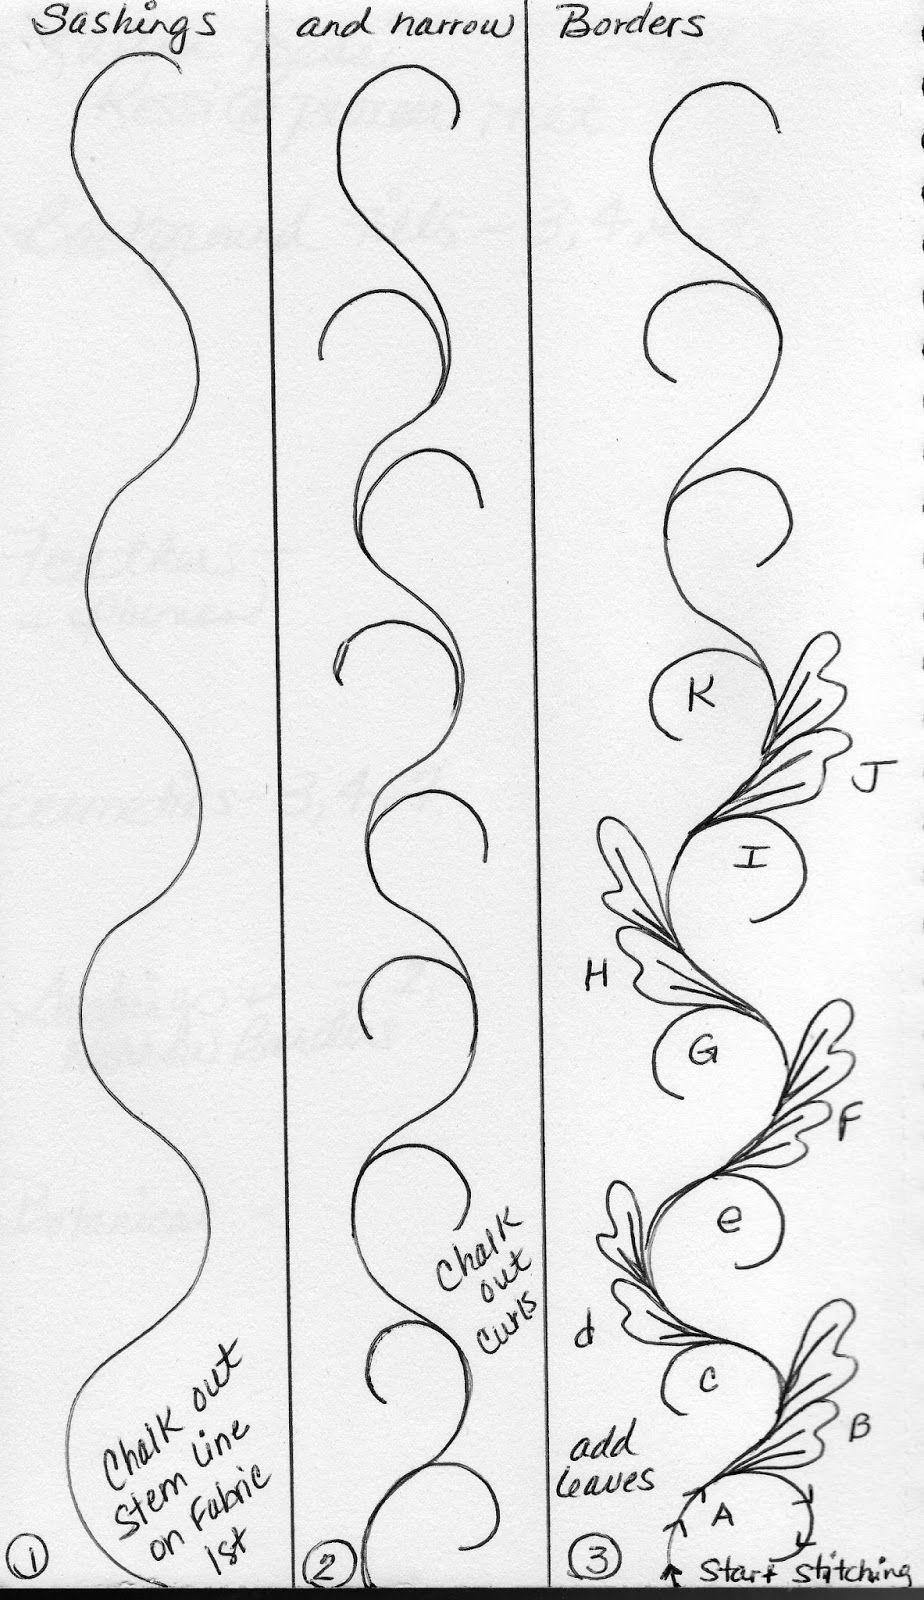 Pin de yngrid Aguilera en diseño | Pinterest | Bordado, Dibujos y ...